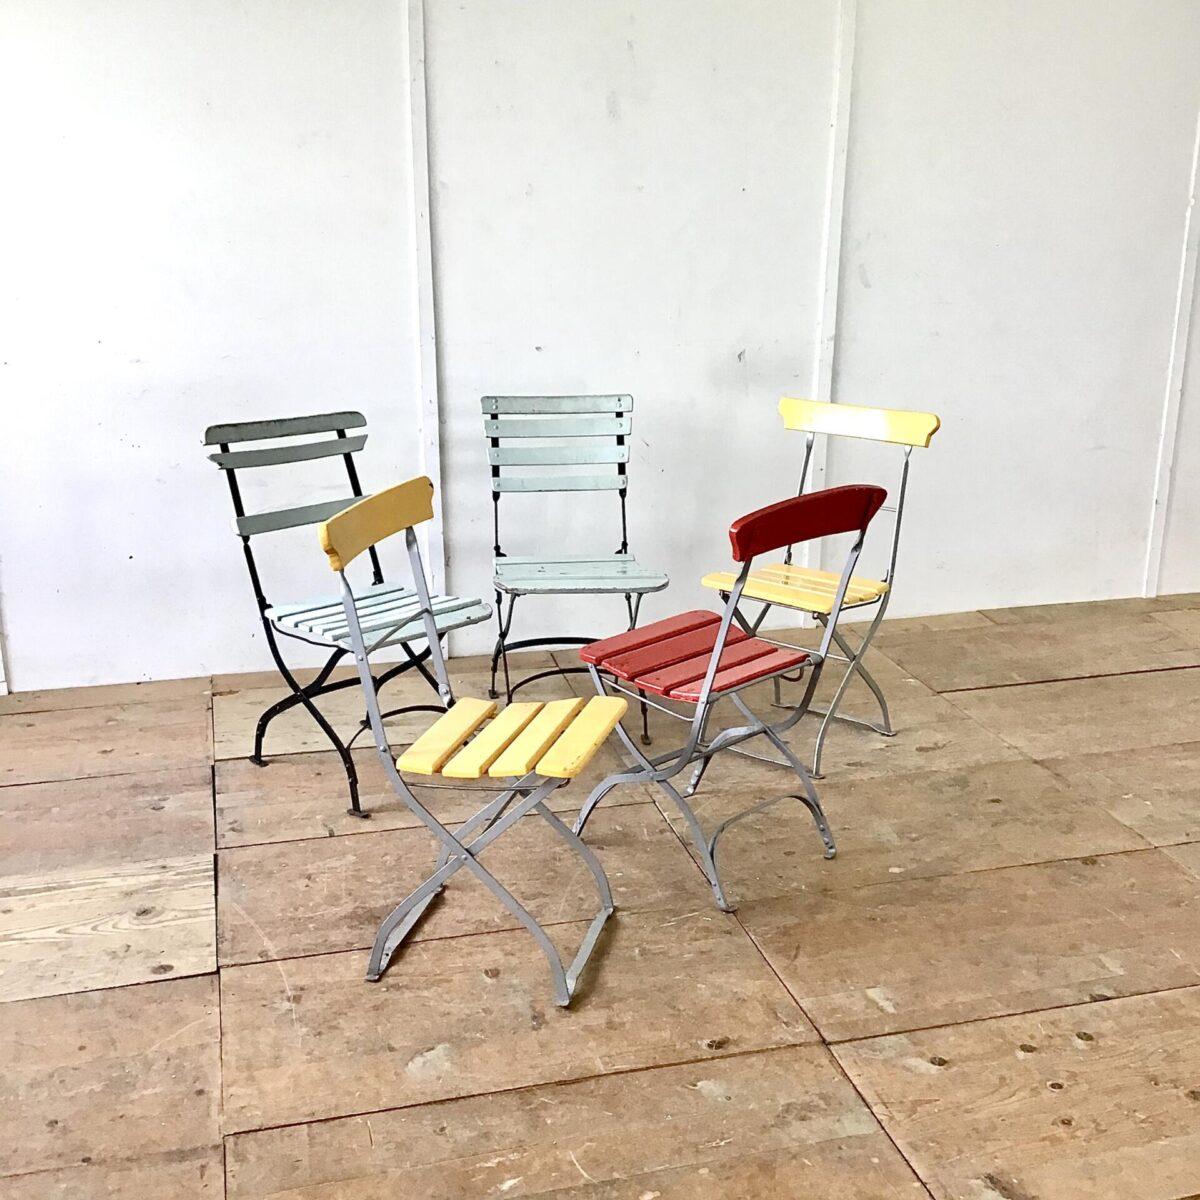 Verschiedene Jugendstil Gartenstühle, Biergarten Stühle. Metall Klappstühle mit Holzlättli